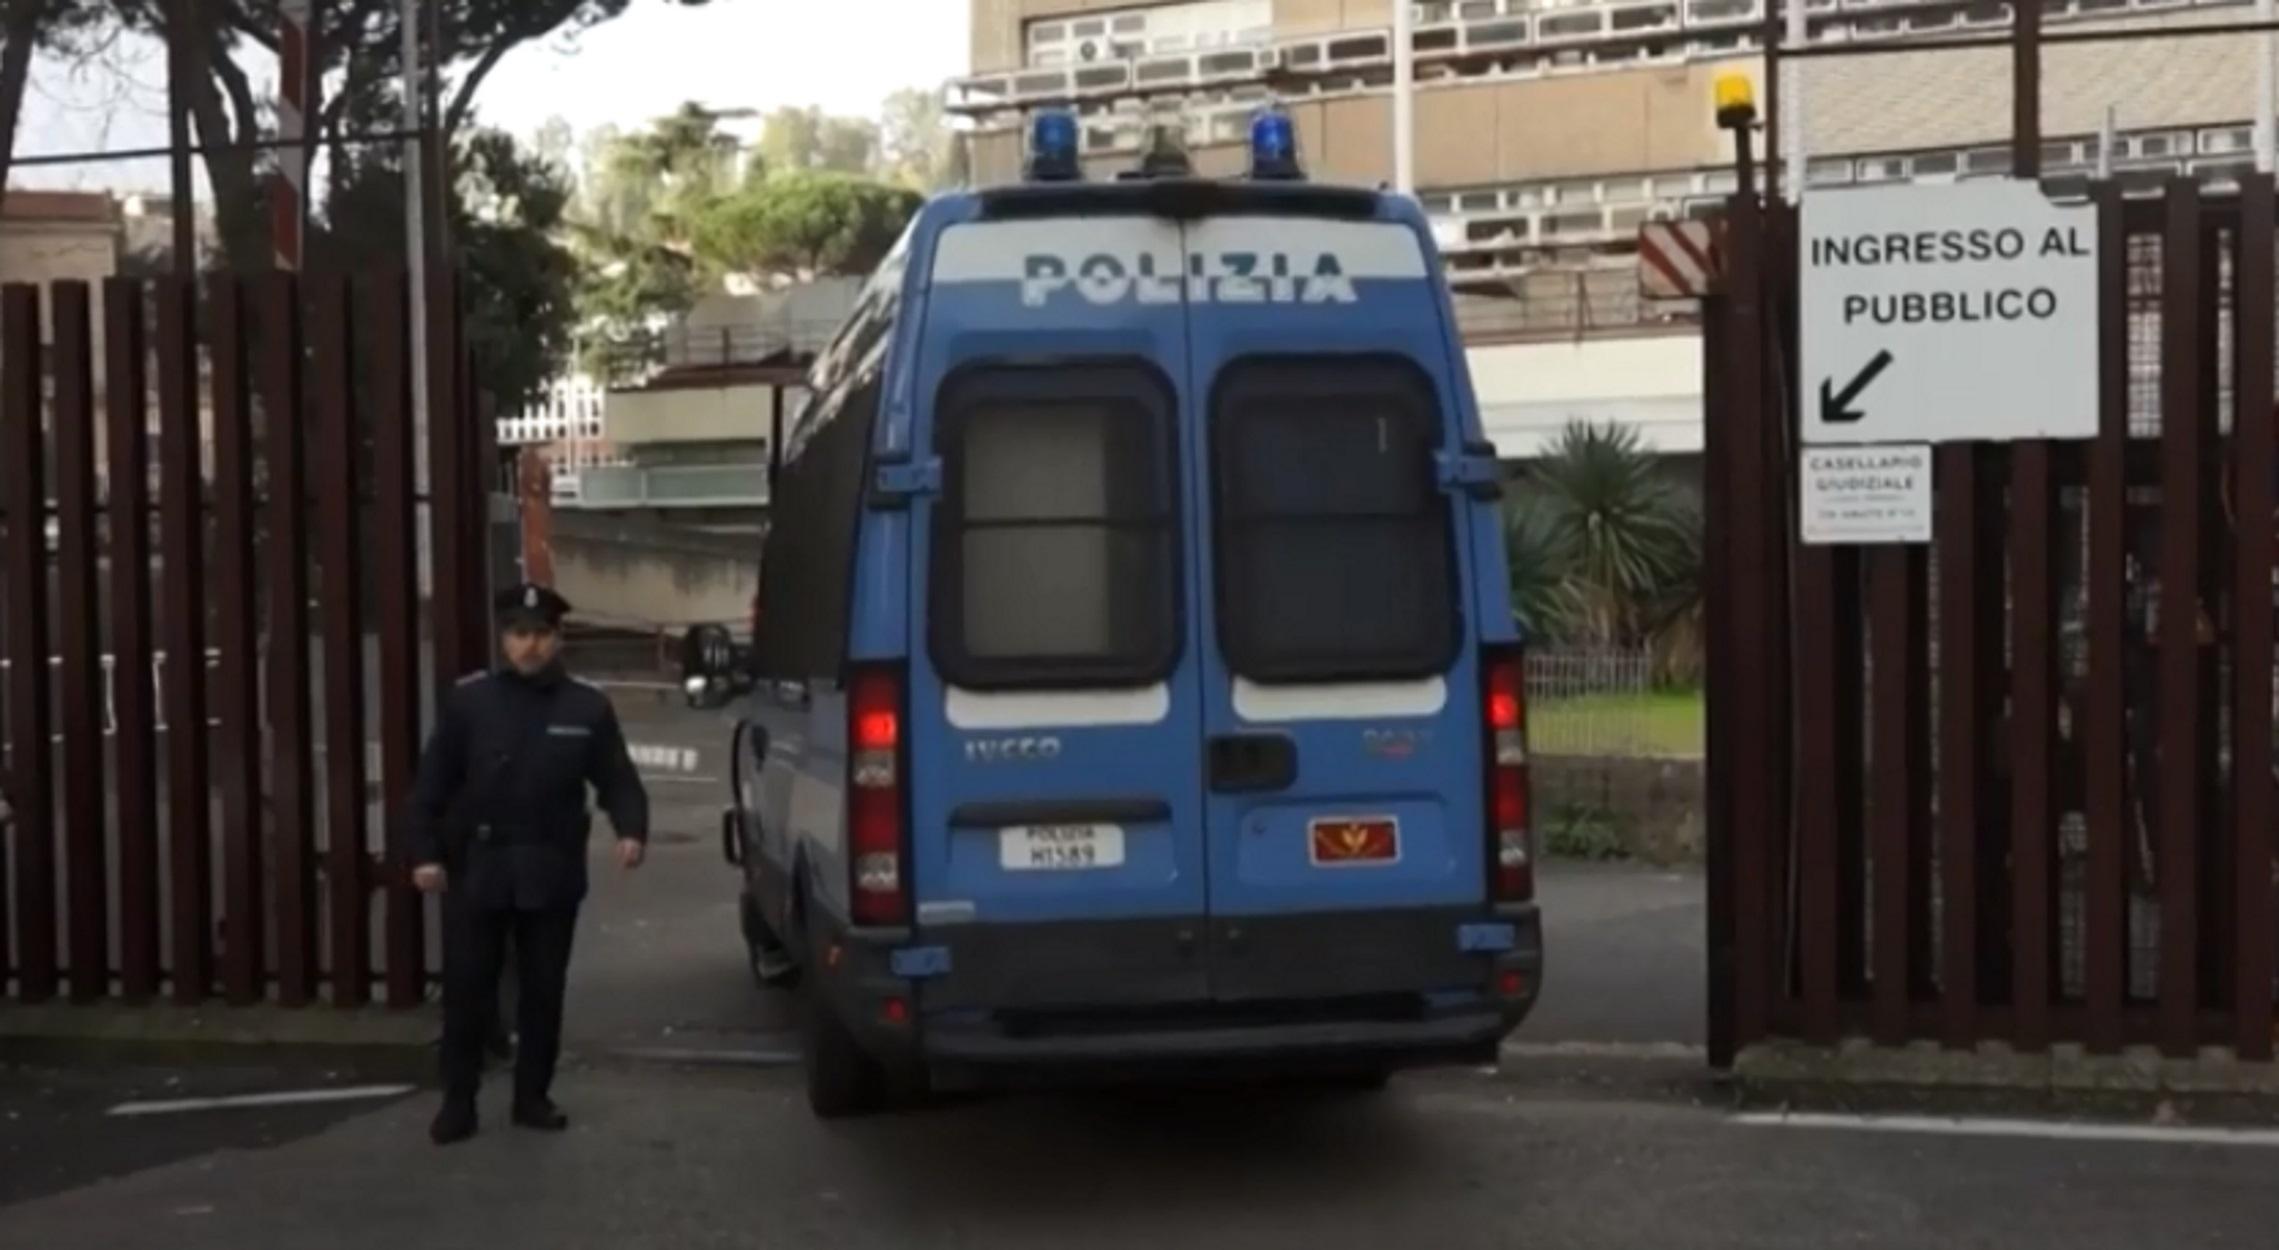 Ιταλία: Σοκ από τη δολοφονία νεαρού παιδιού μεταναστών από ρατσιστές (pics, video)